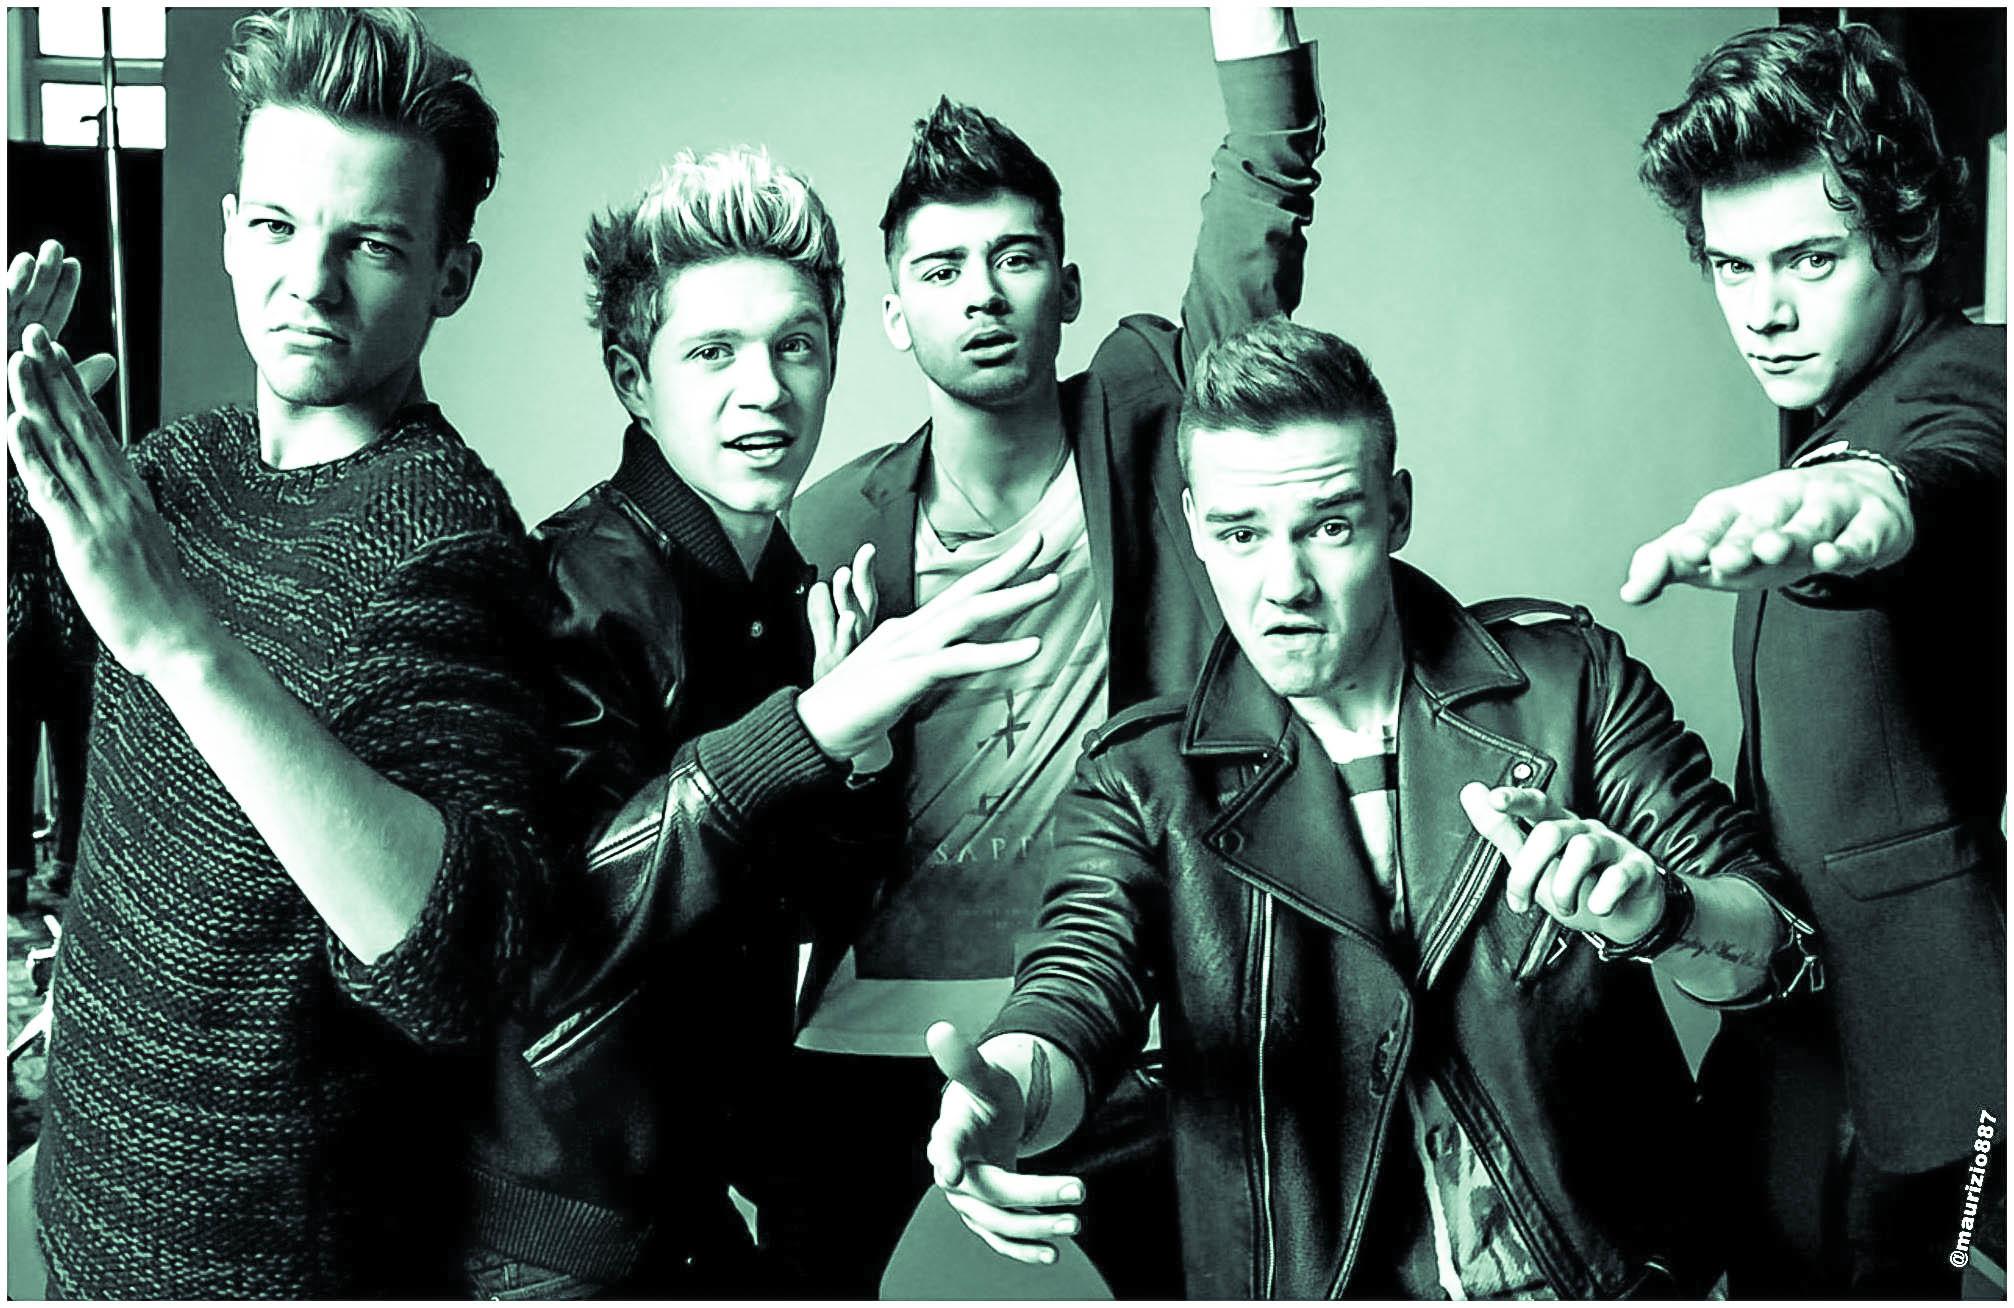 One Direction 2013 One Direction 35150846 2014 - One Direction Wallpaper Mac Hd - HD Wallpaper